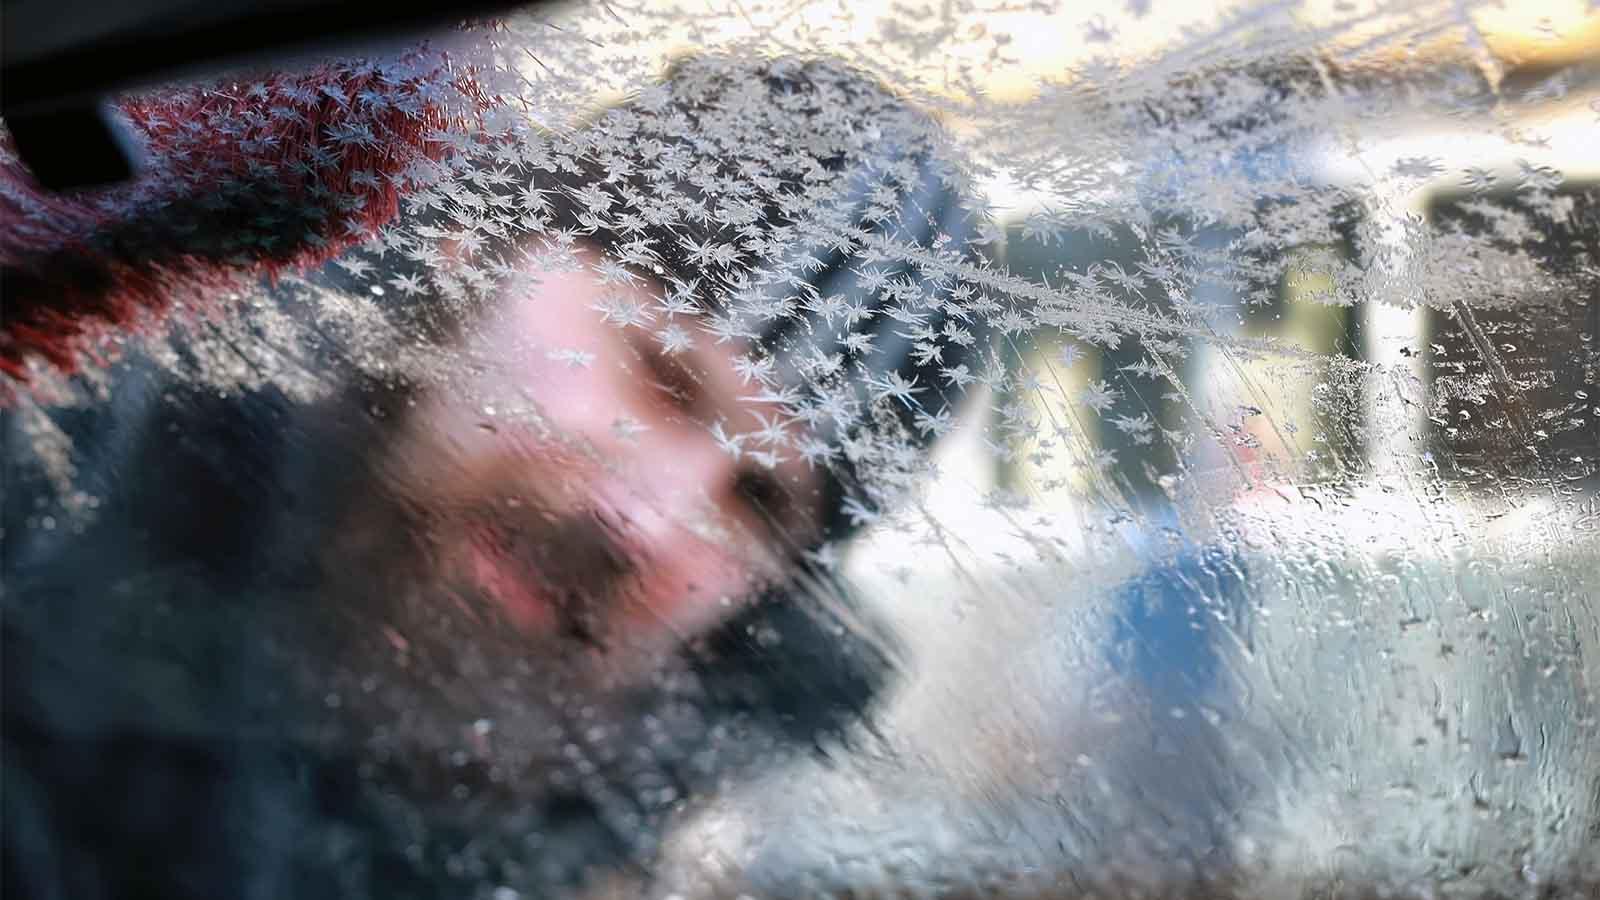 Einfacher Trick: So beschlagen die Autoscheiben nicht mehr